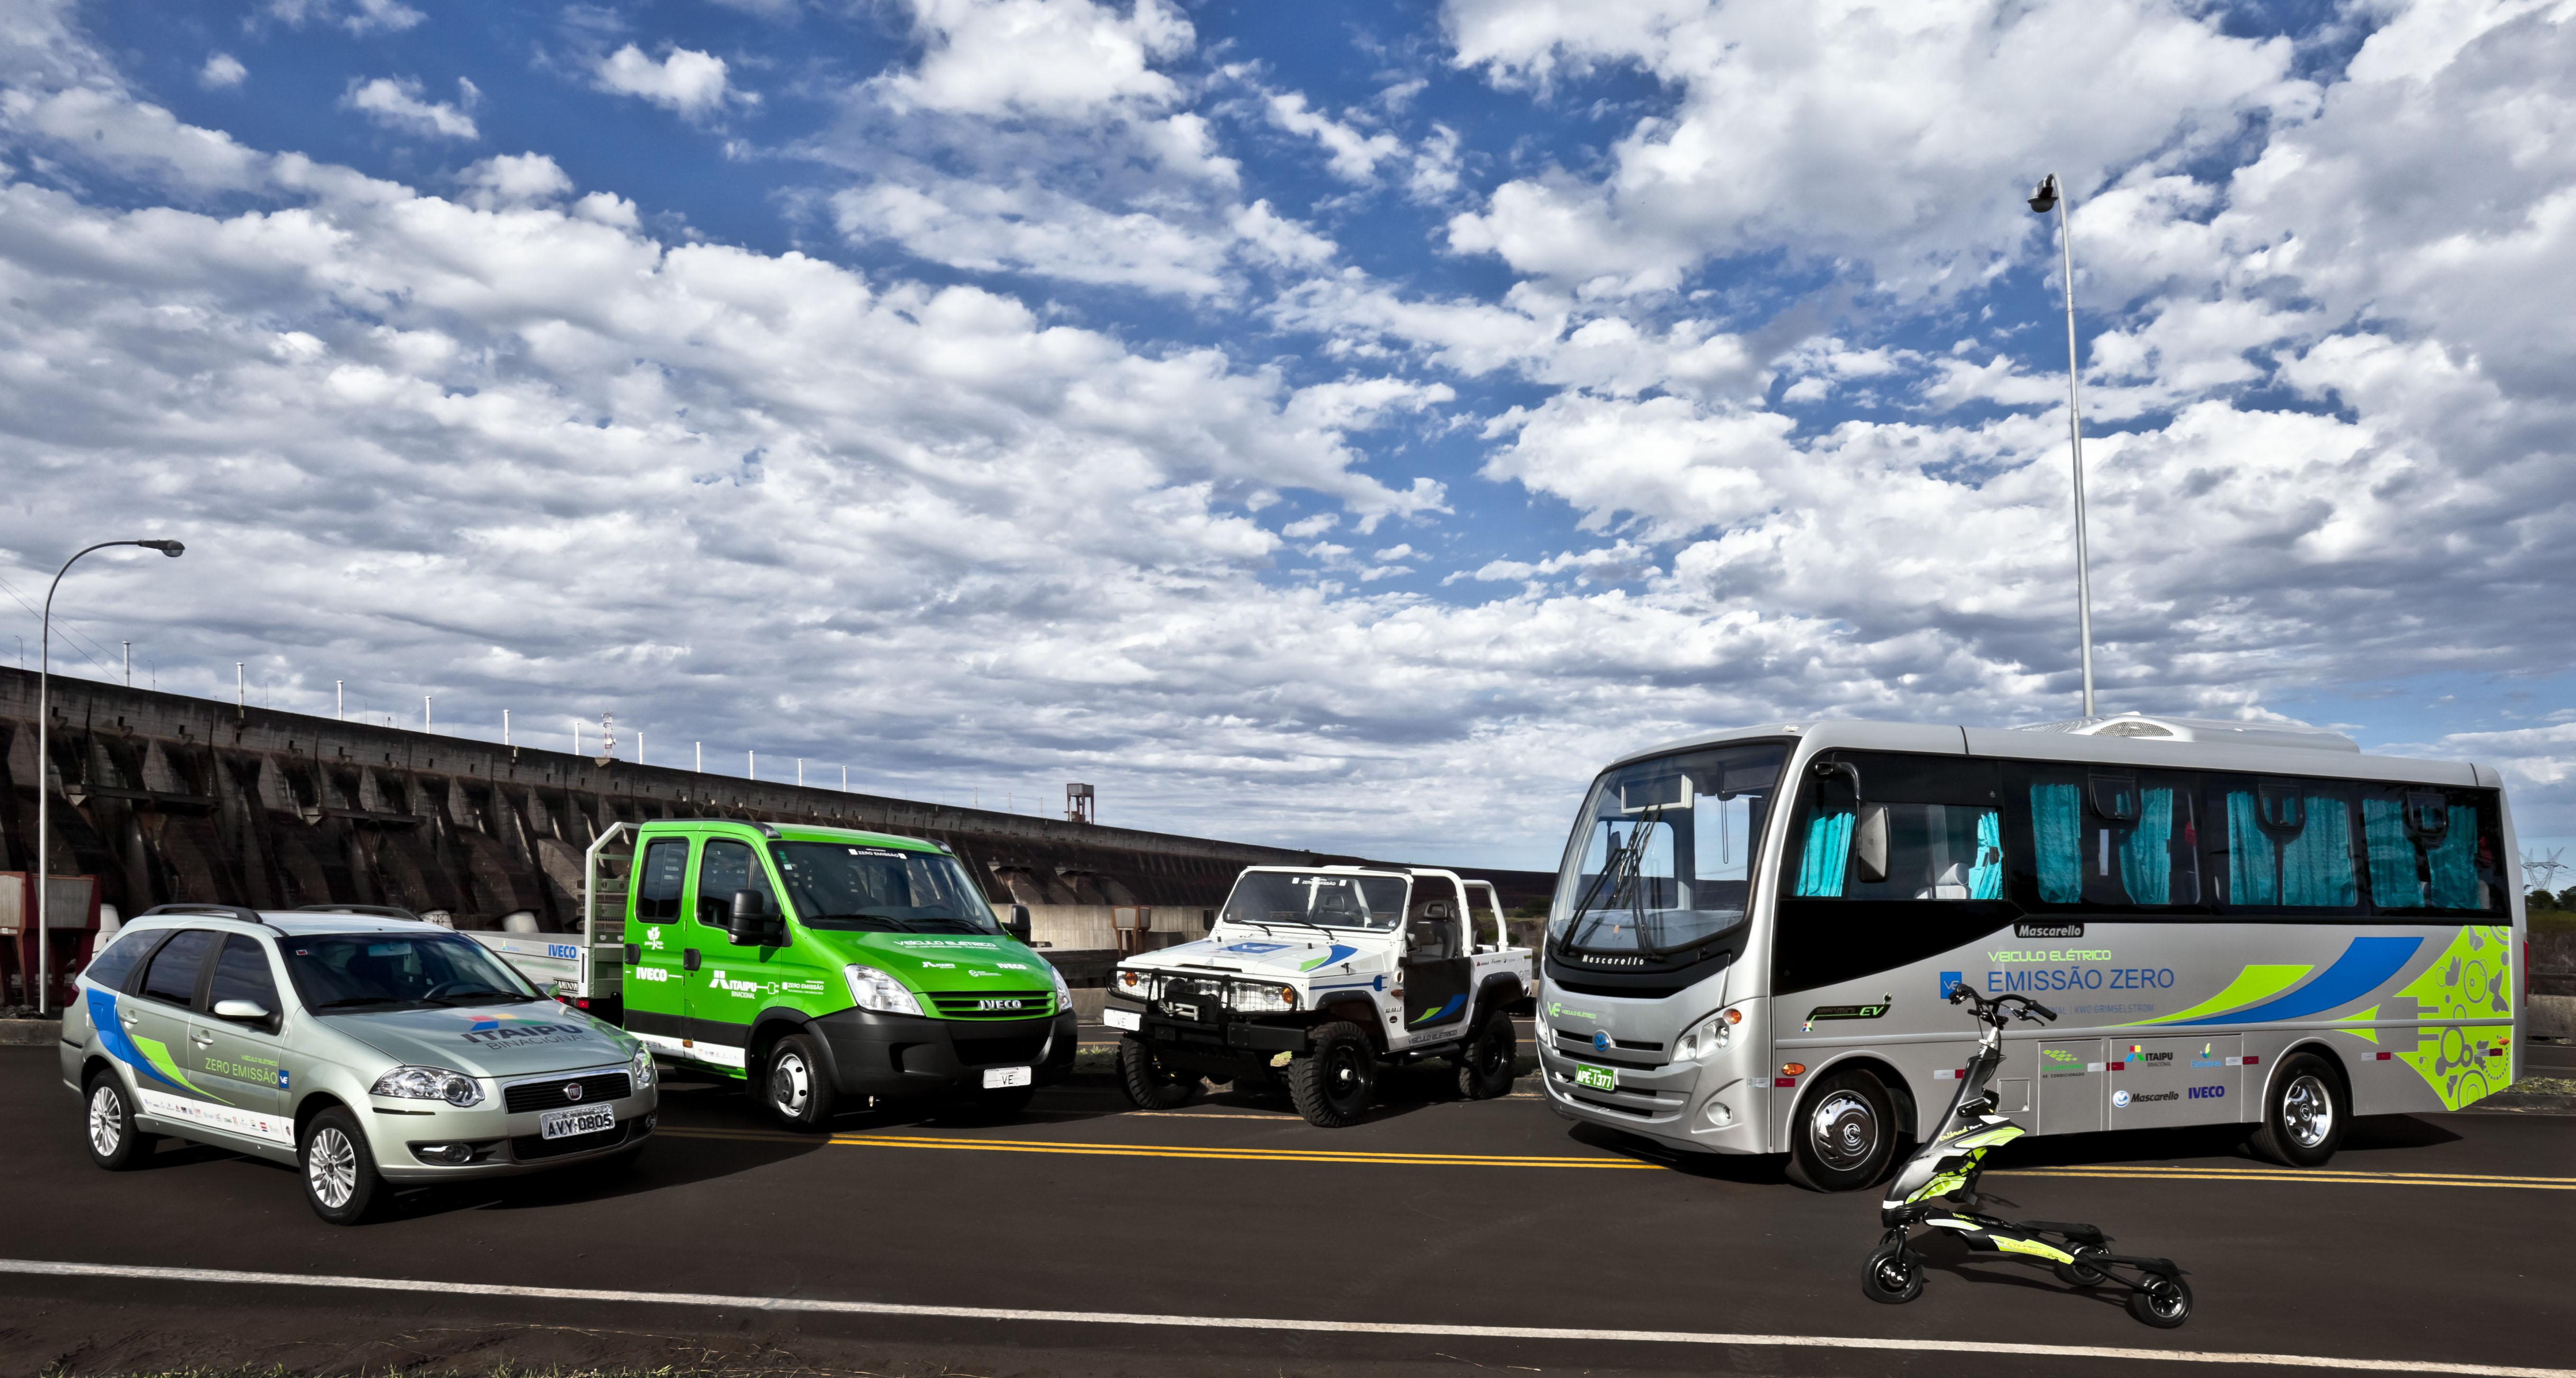 09c438341d7 Governo põe fim ao imposto sobre importação de carros elétricos ...